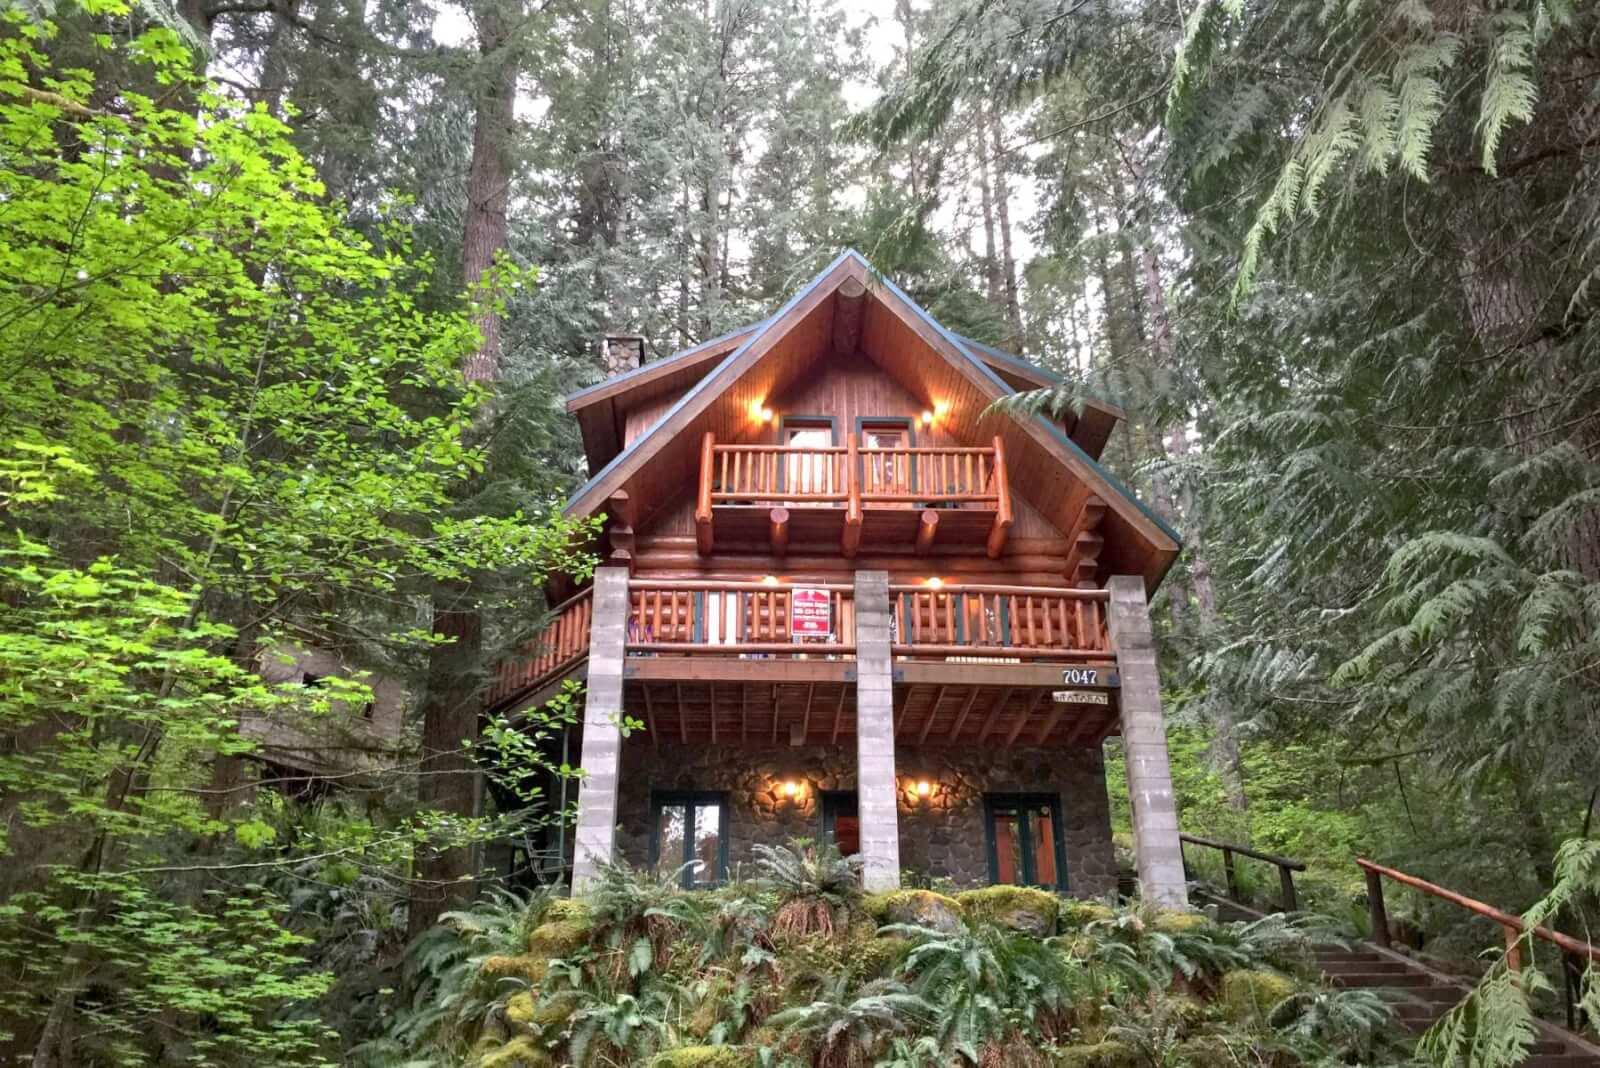 mt-baker-lodging-mt-baker-lodging-cabin-47